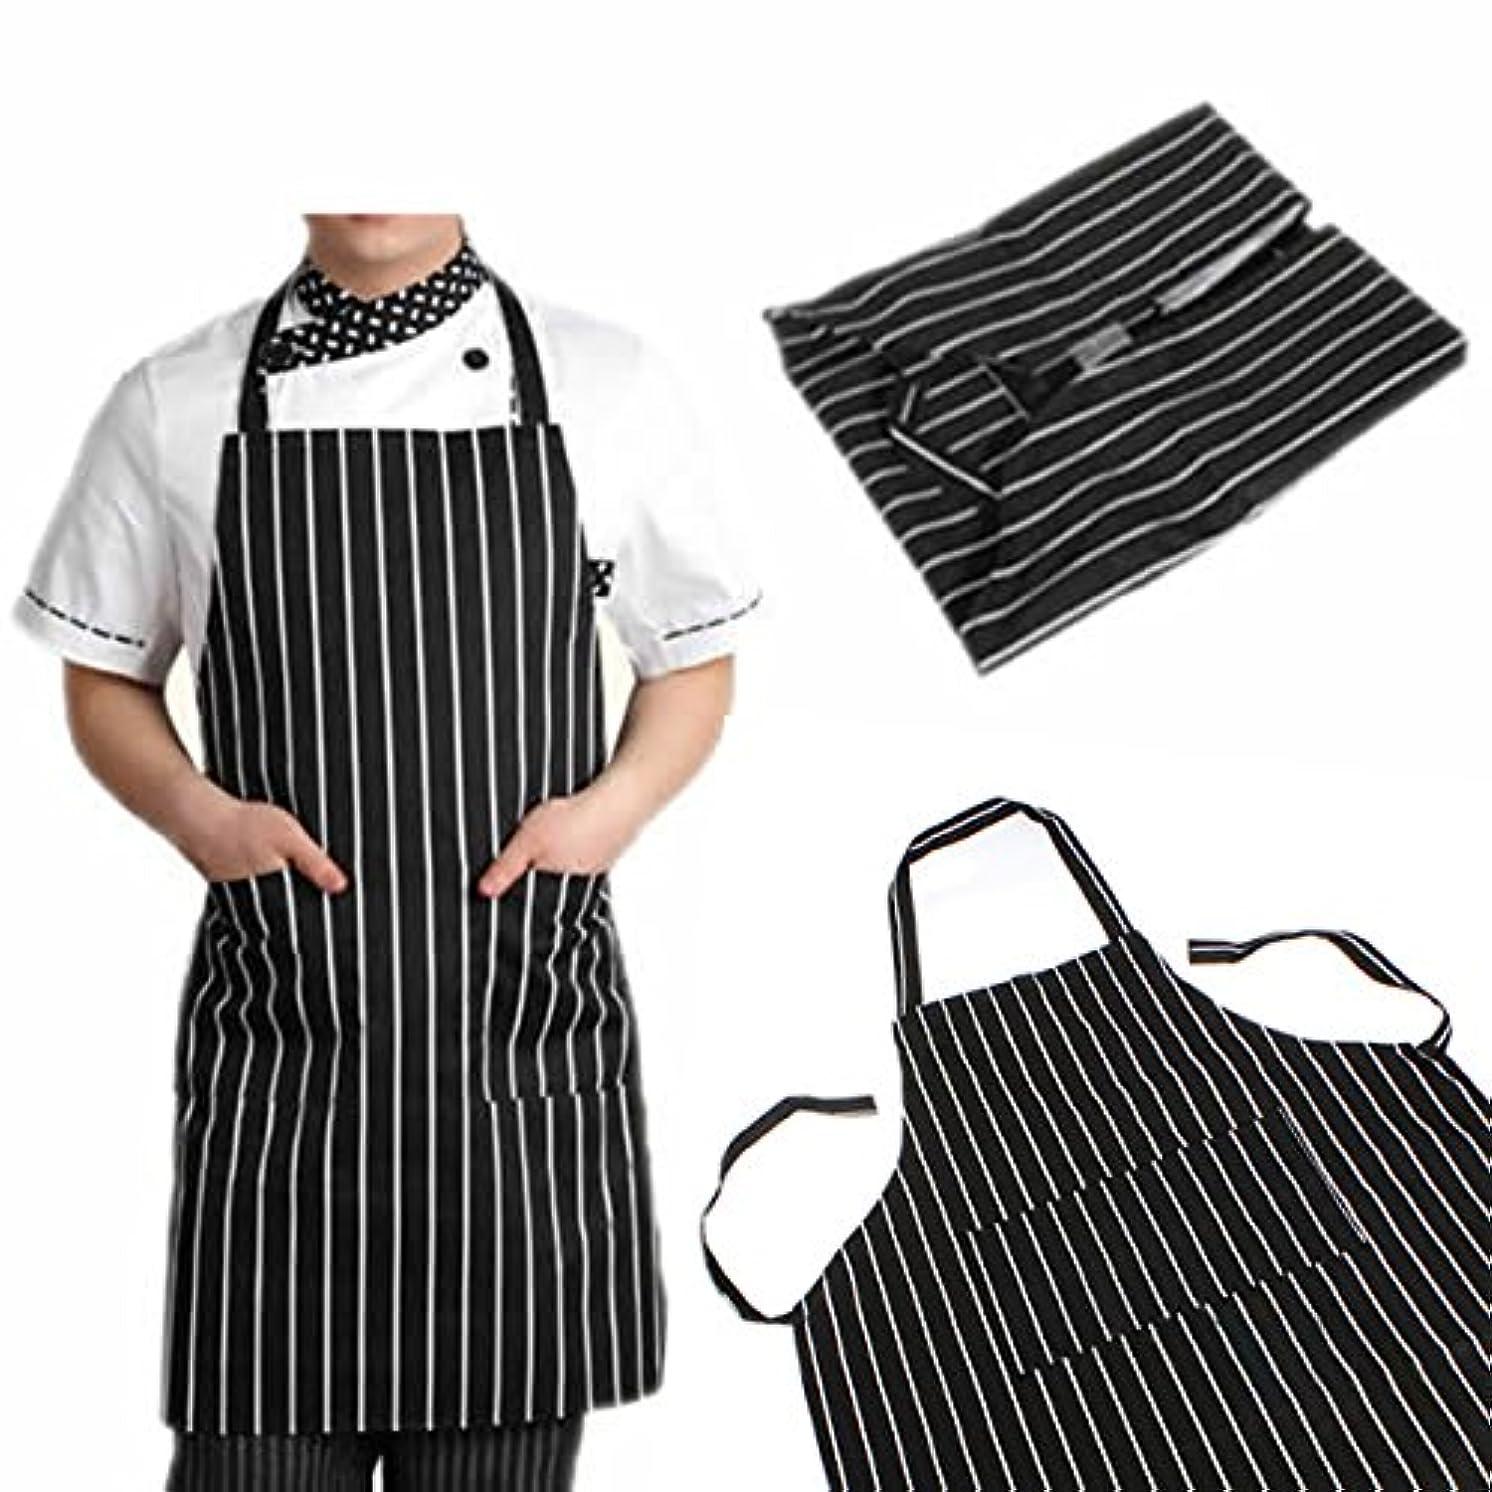 見る死んでいる宿題attachmenttou ブラックストライプビブエプロン 2つのポケット付き キッチン料理 耐久性のある 有用 調節可能な 大人